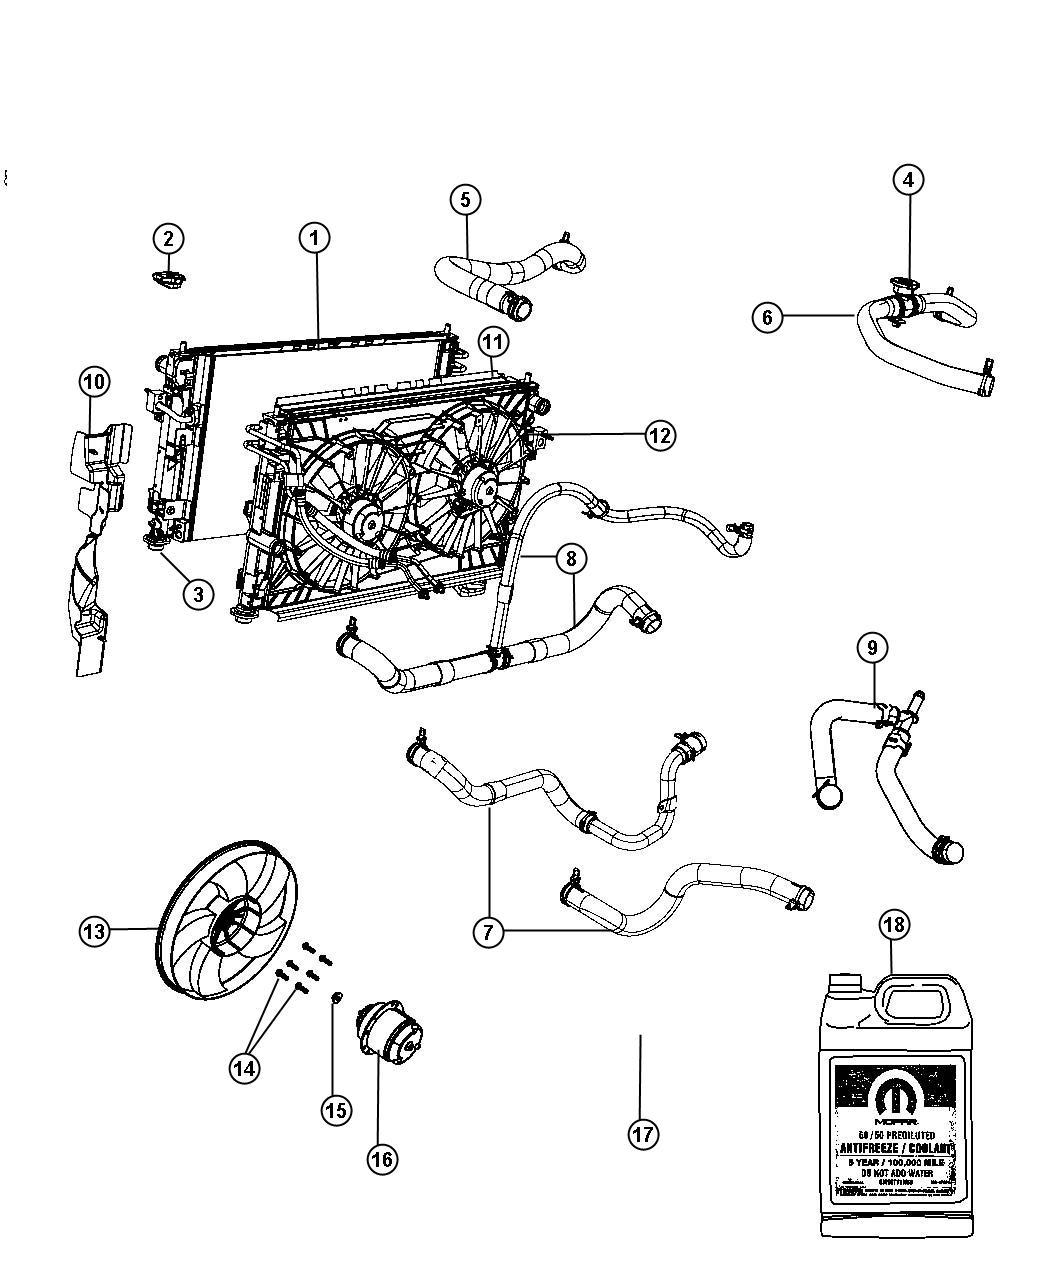 [DIAGRAM] Wiring Diagram For 2010 Dodge Avenger FULL